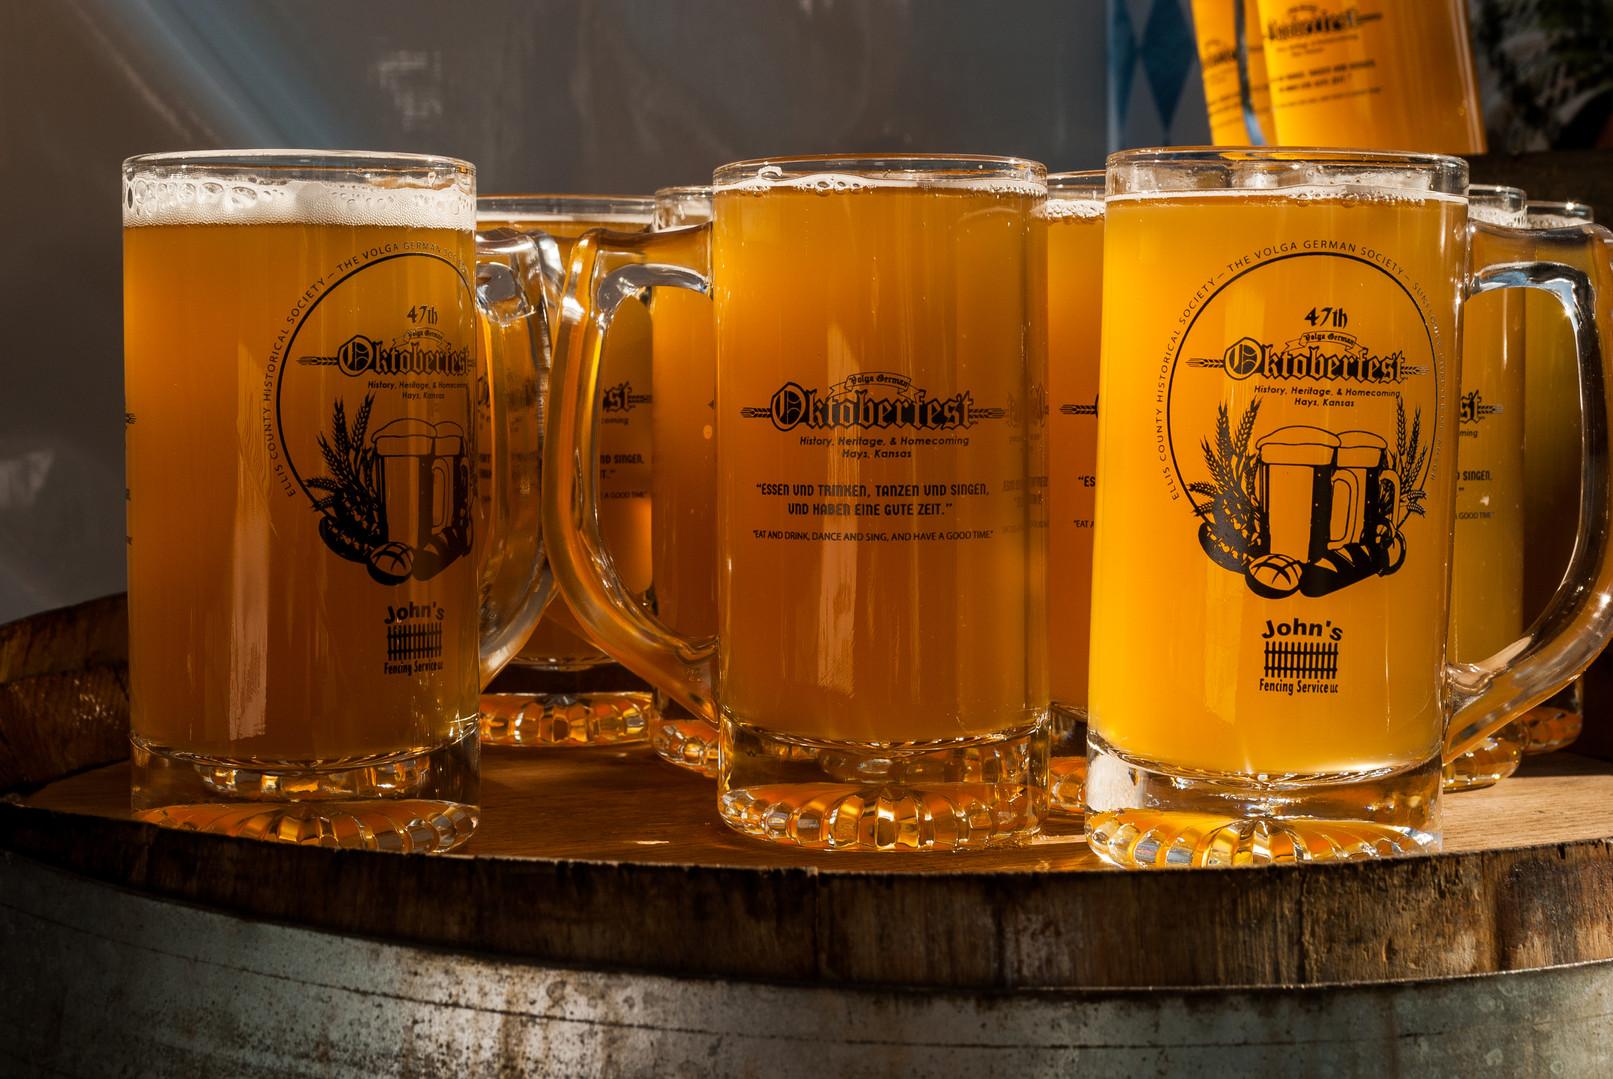 OktoberfestHays Beer